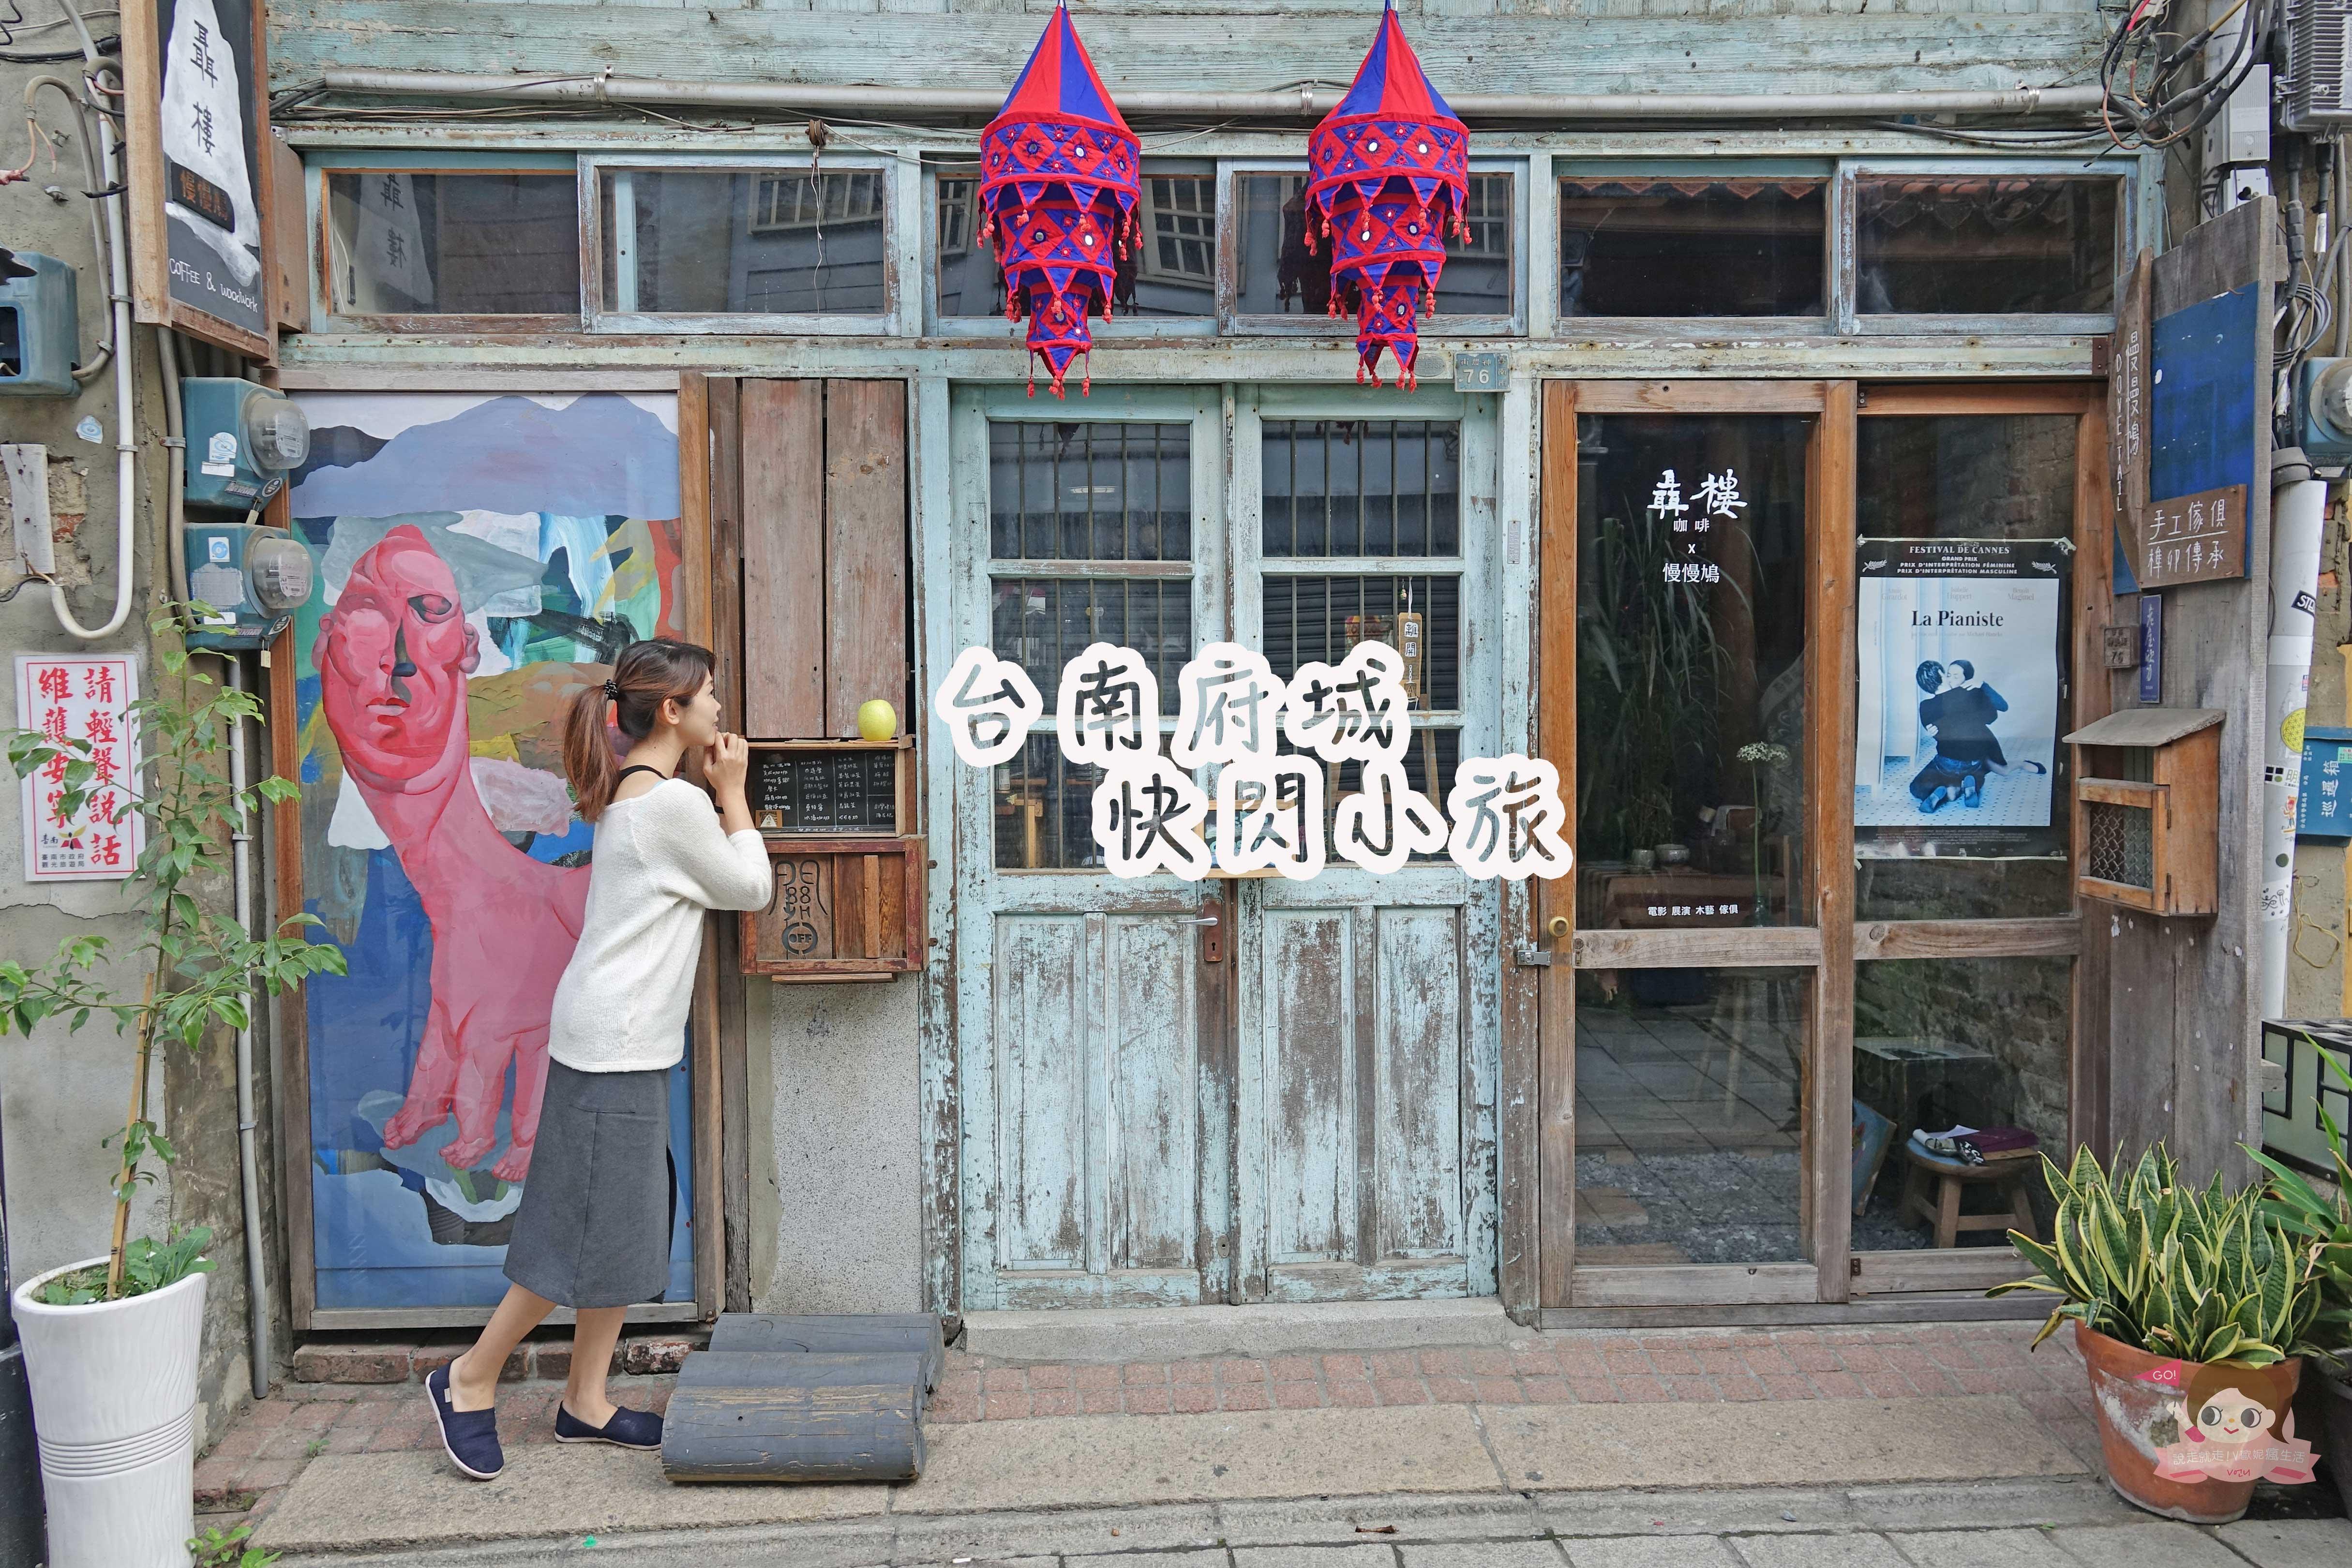 台南府城快閃小旅 | 水仙宮市場周邊老字號美食,曾家麻糬、七誠米粿、古早味粉圓冰、牛肉湯,神農街散策